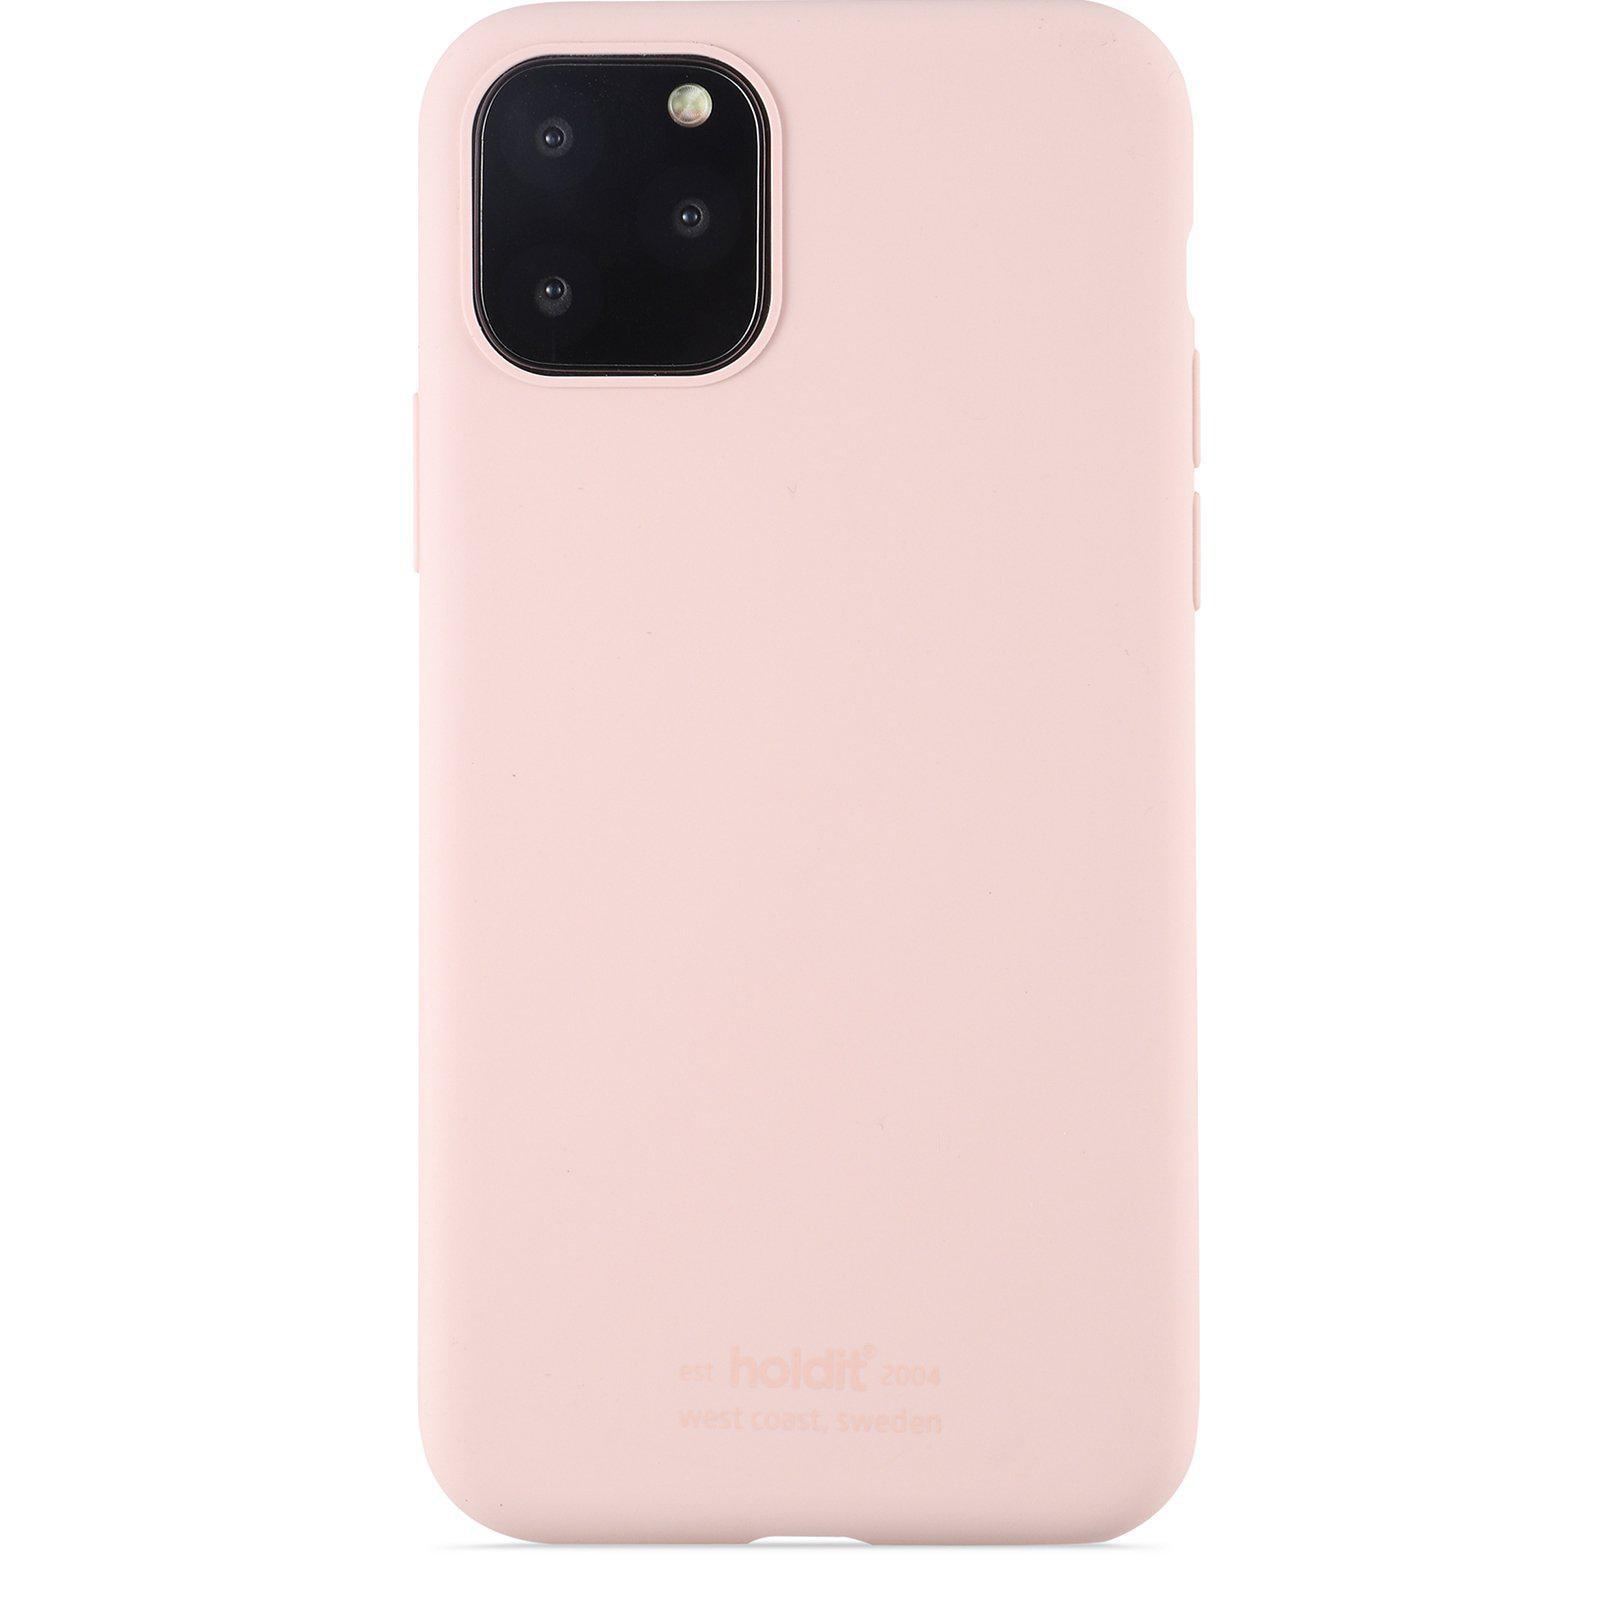 Deksel Silikon iPhone 11 Pro/XS/X Blush Pink